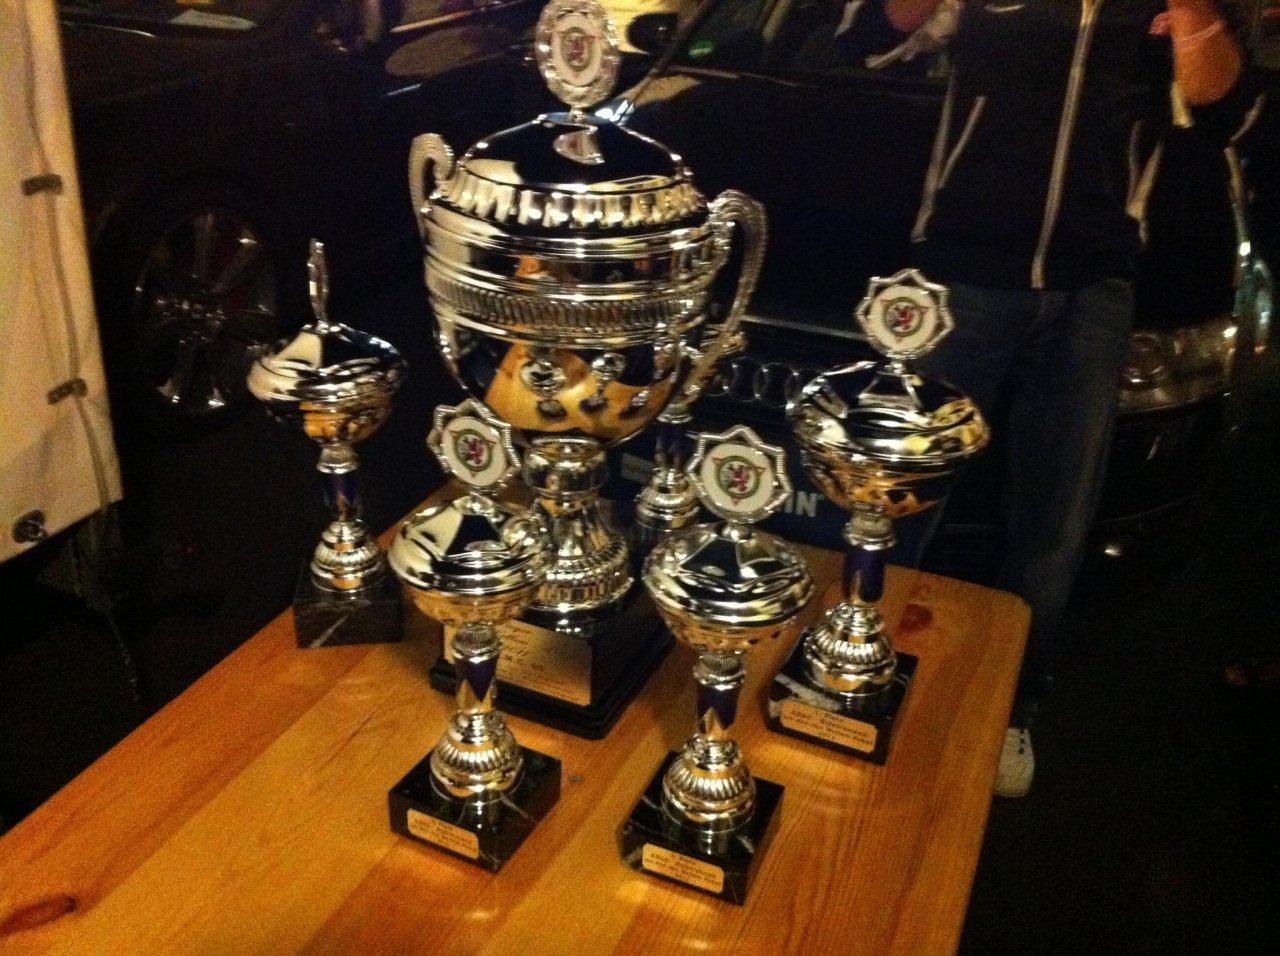 Jan-Wellen-Pokal 2011 für das Team des SCH-KA-KOLA BMWs